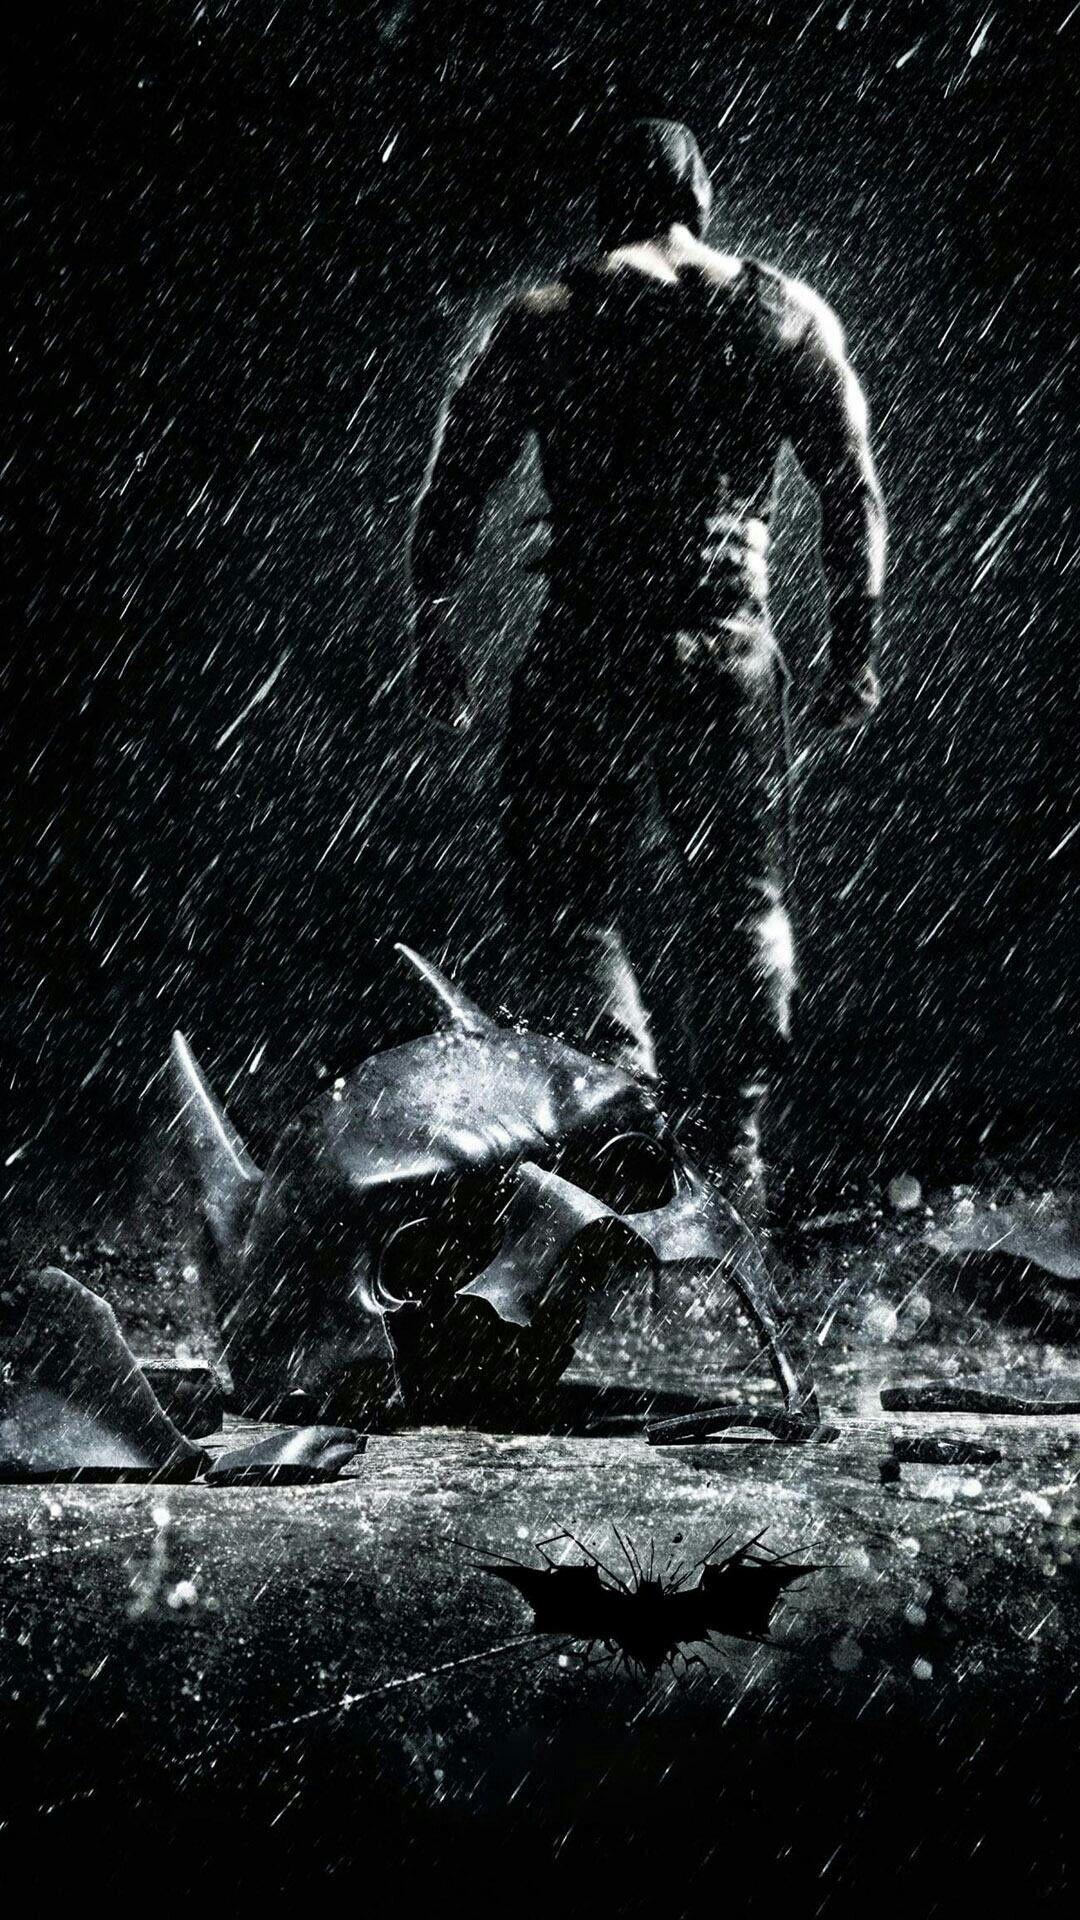 Pin De Boaz Lortheran Em Poster Bane Batman Imagens Hd Papel